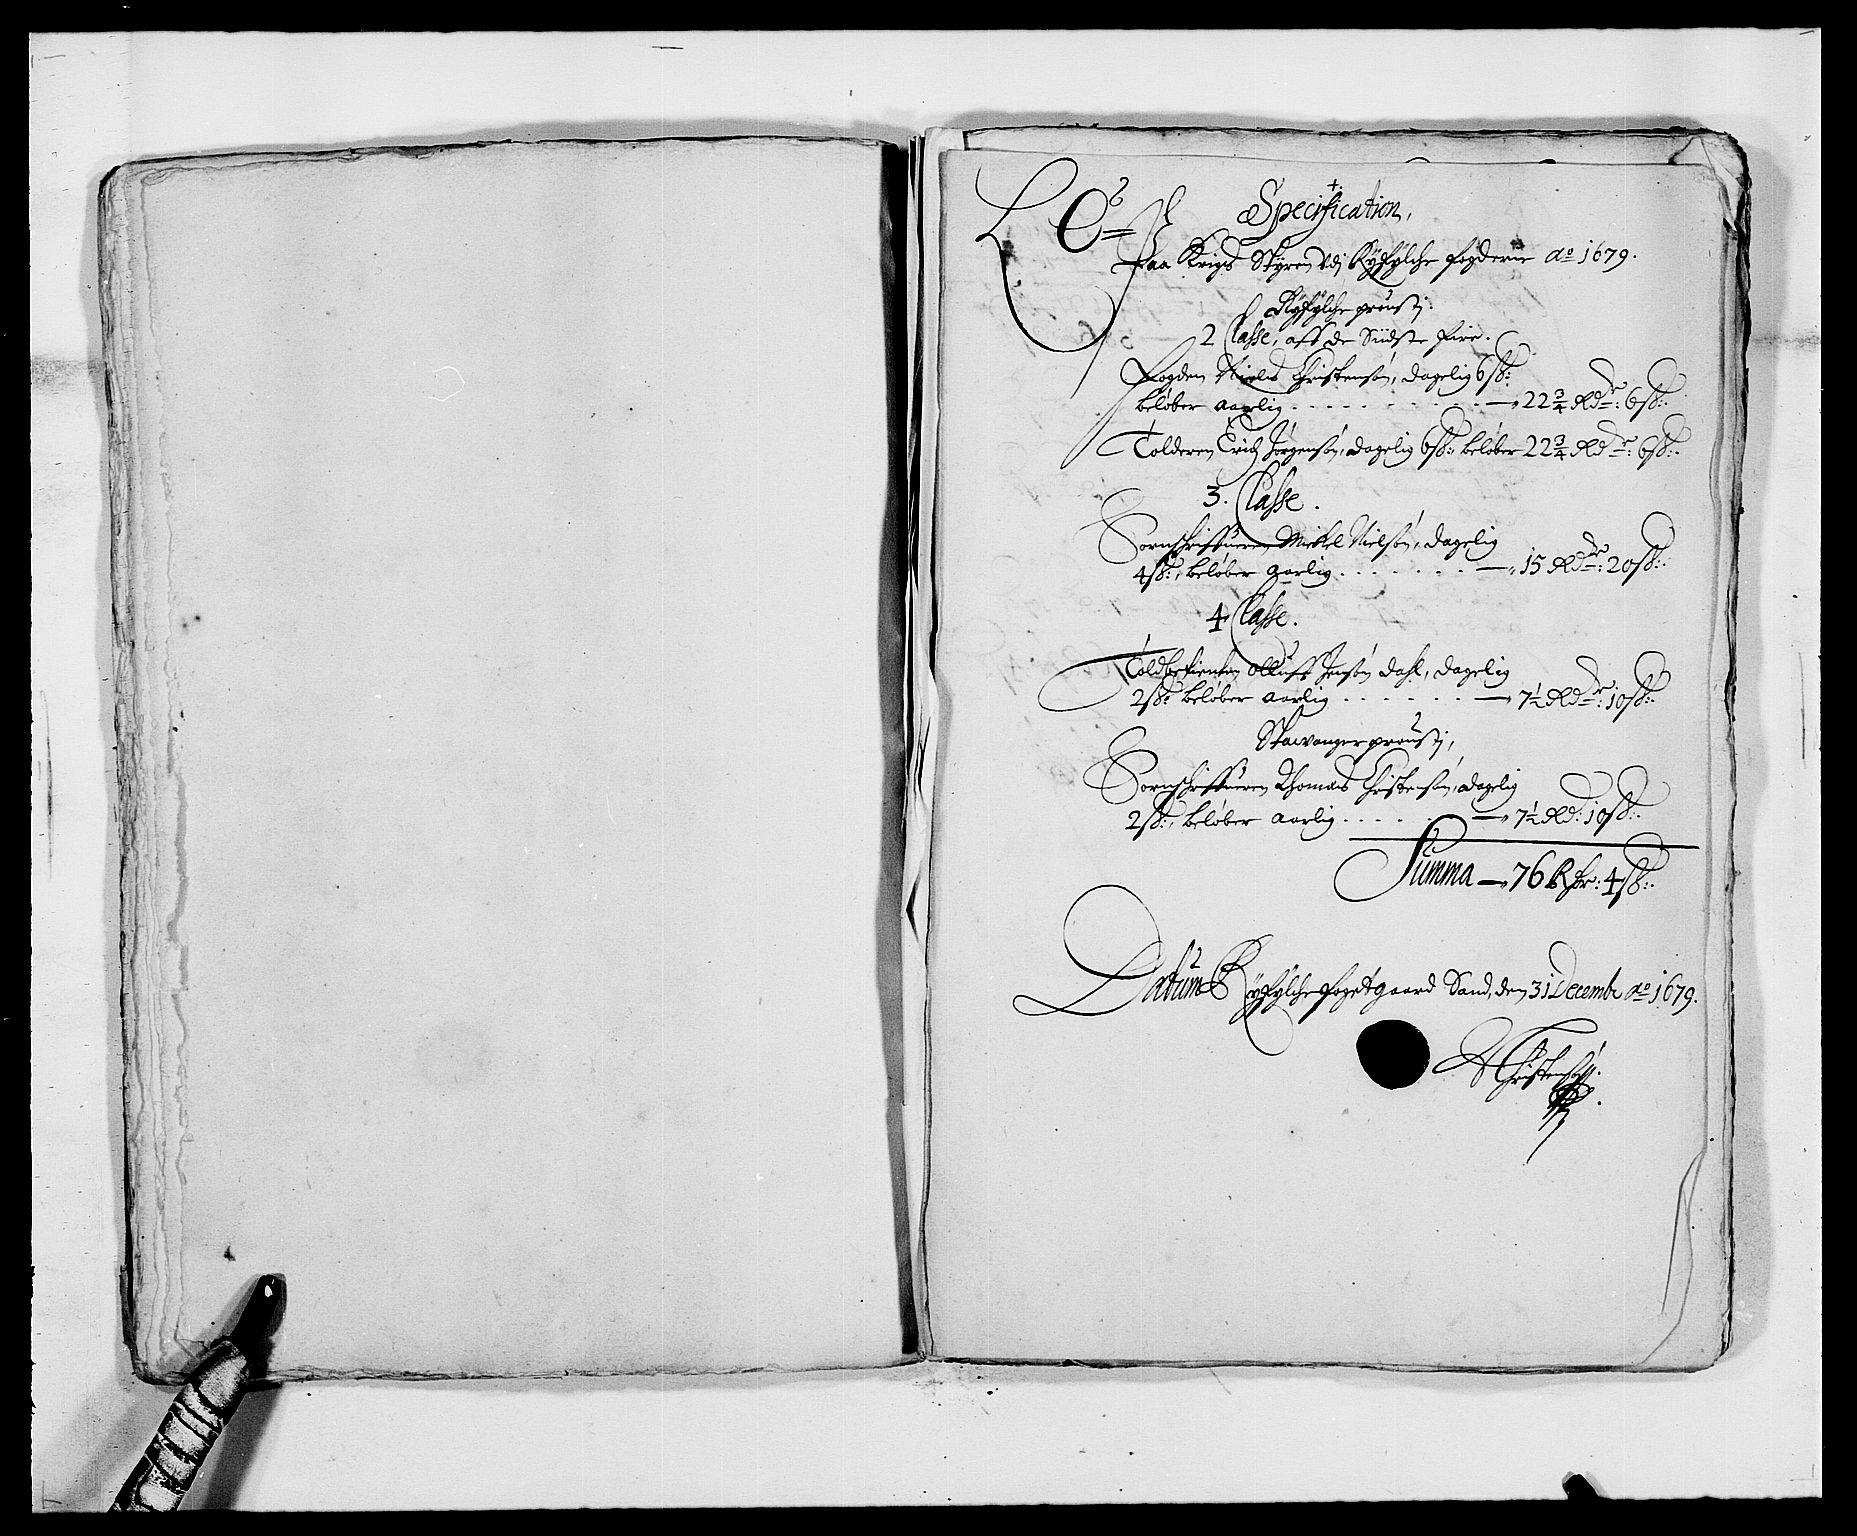 RA, Rentekammeret inntil 1814, Reviderte regnskaper, Fogderegnskap, R47/L2849: Fogderegnskap Ryfylke, 1679, s. 85